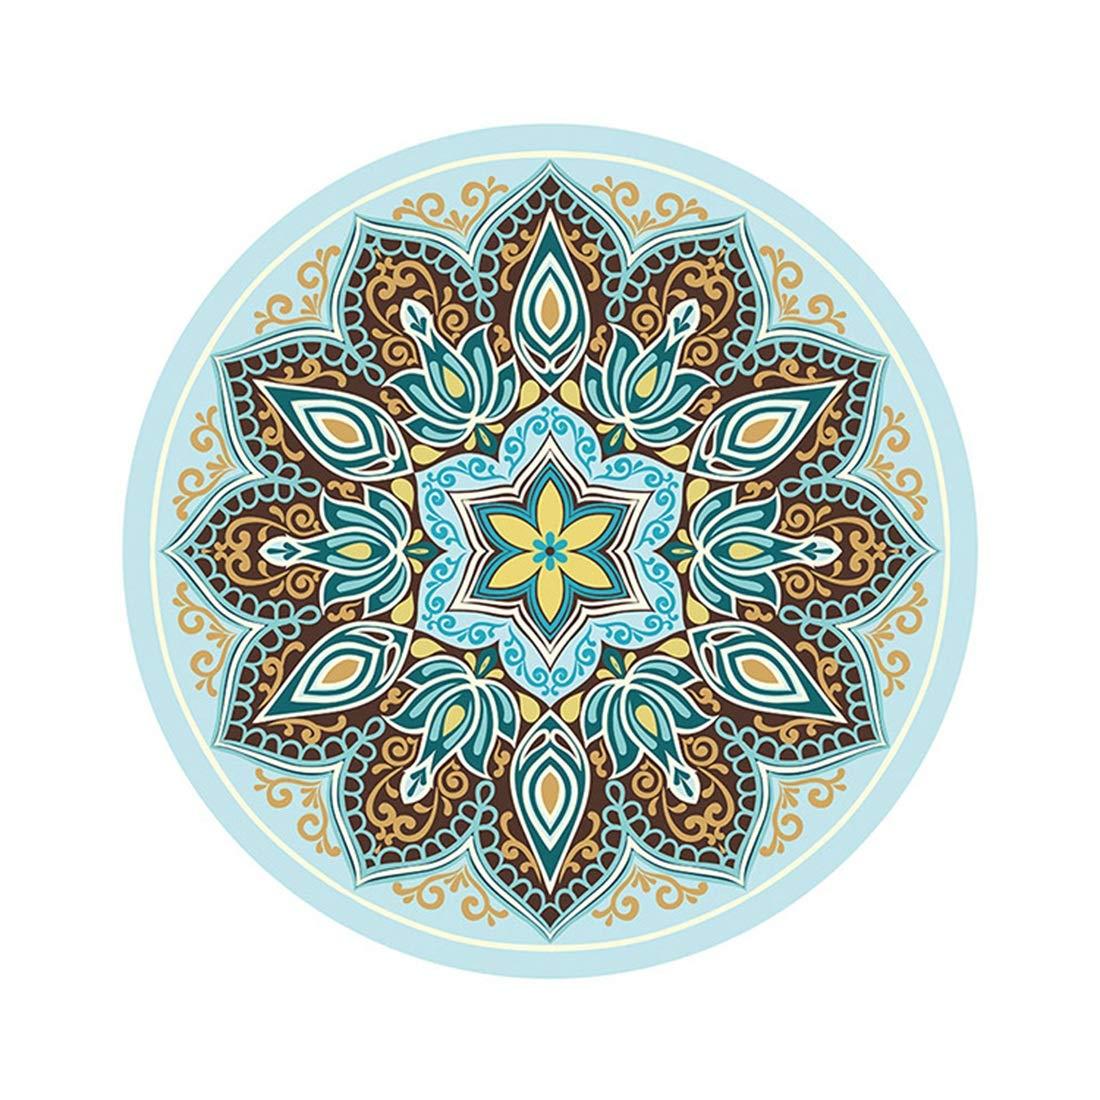 JOYS CLOTHING インドの曼荼羅ラウンドプリントヨガマット、天然ゴムの丸いタペストリーヒッピーボホジプシーラウンド瞑想マット (Color : D)  D B07MR14T1J